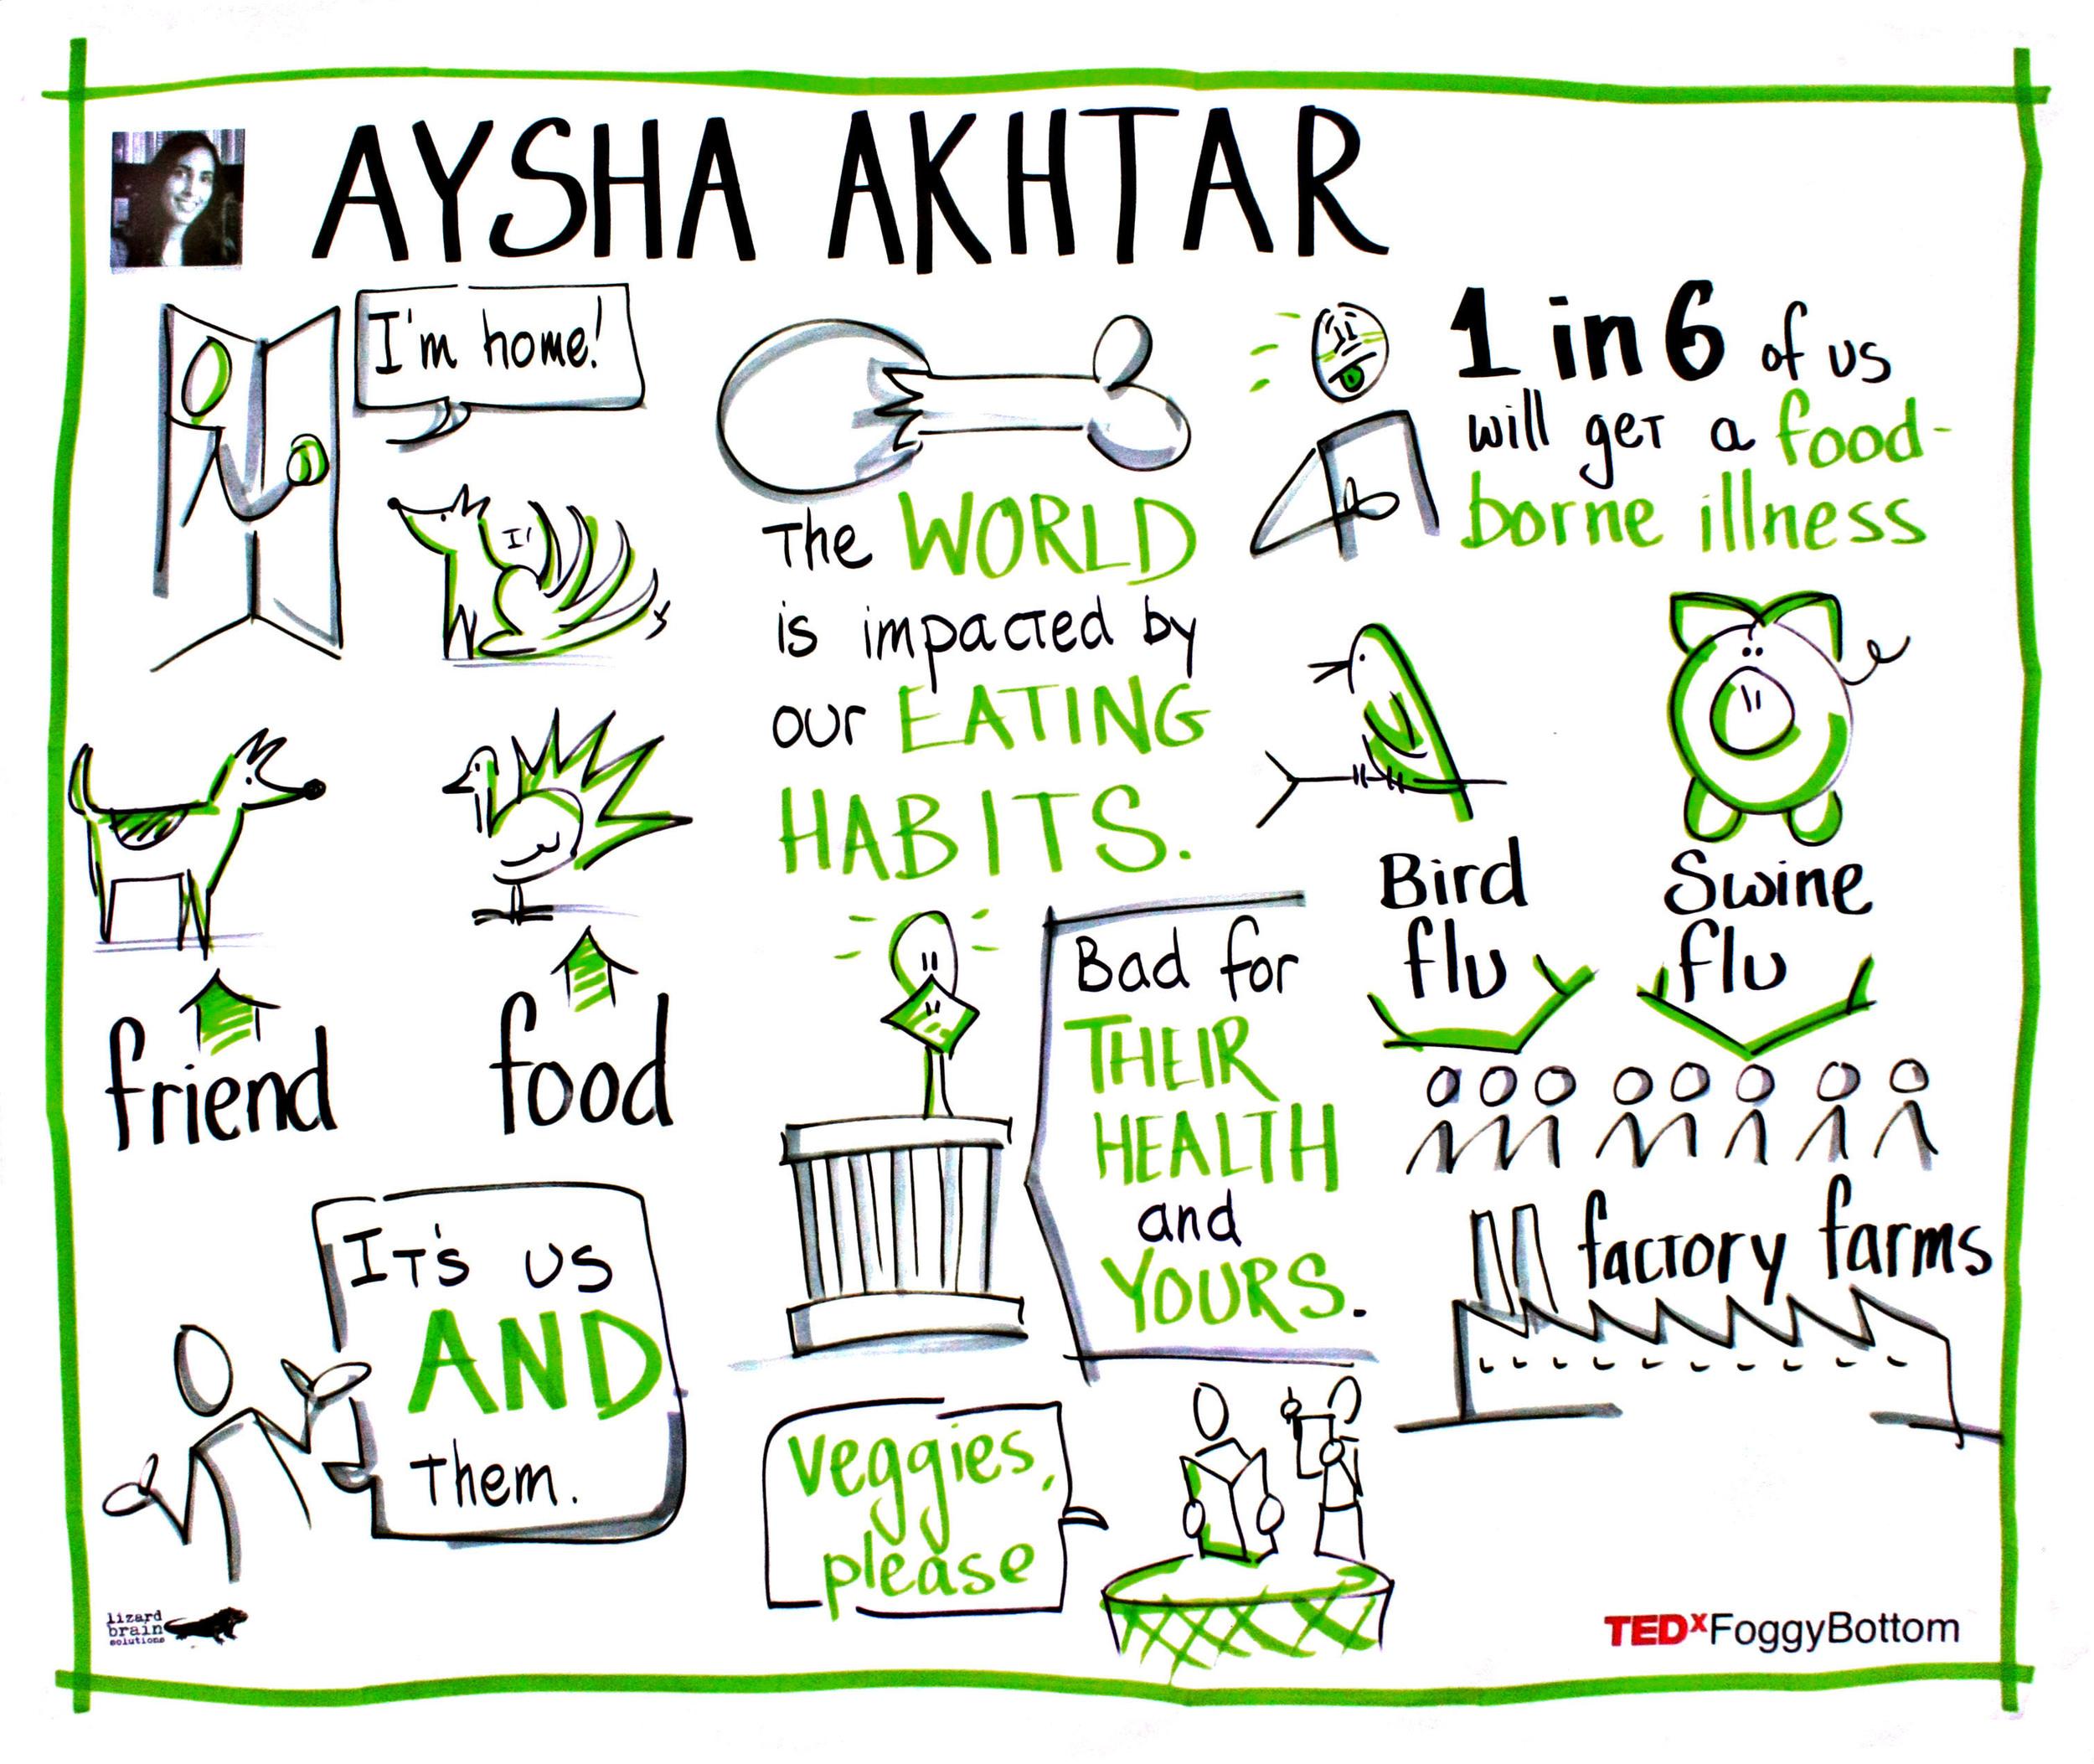 02 Aysha Akhtar.jpg